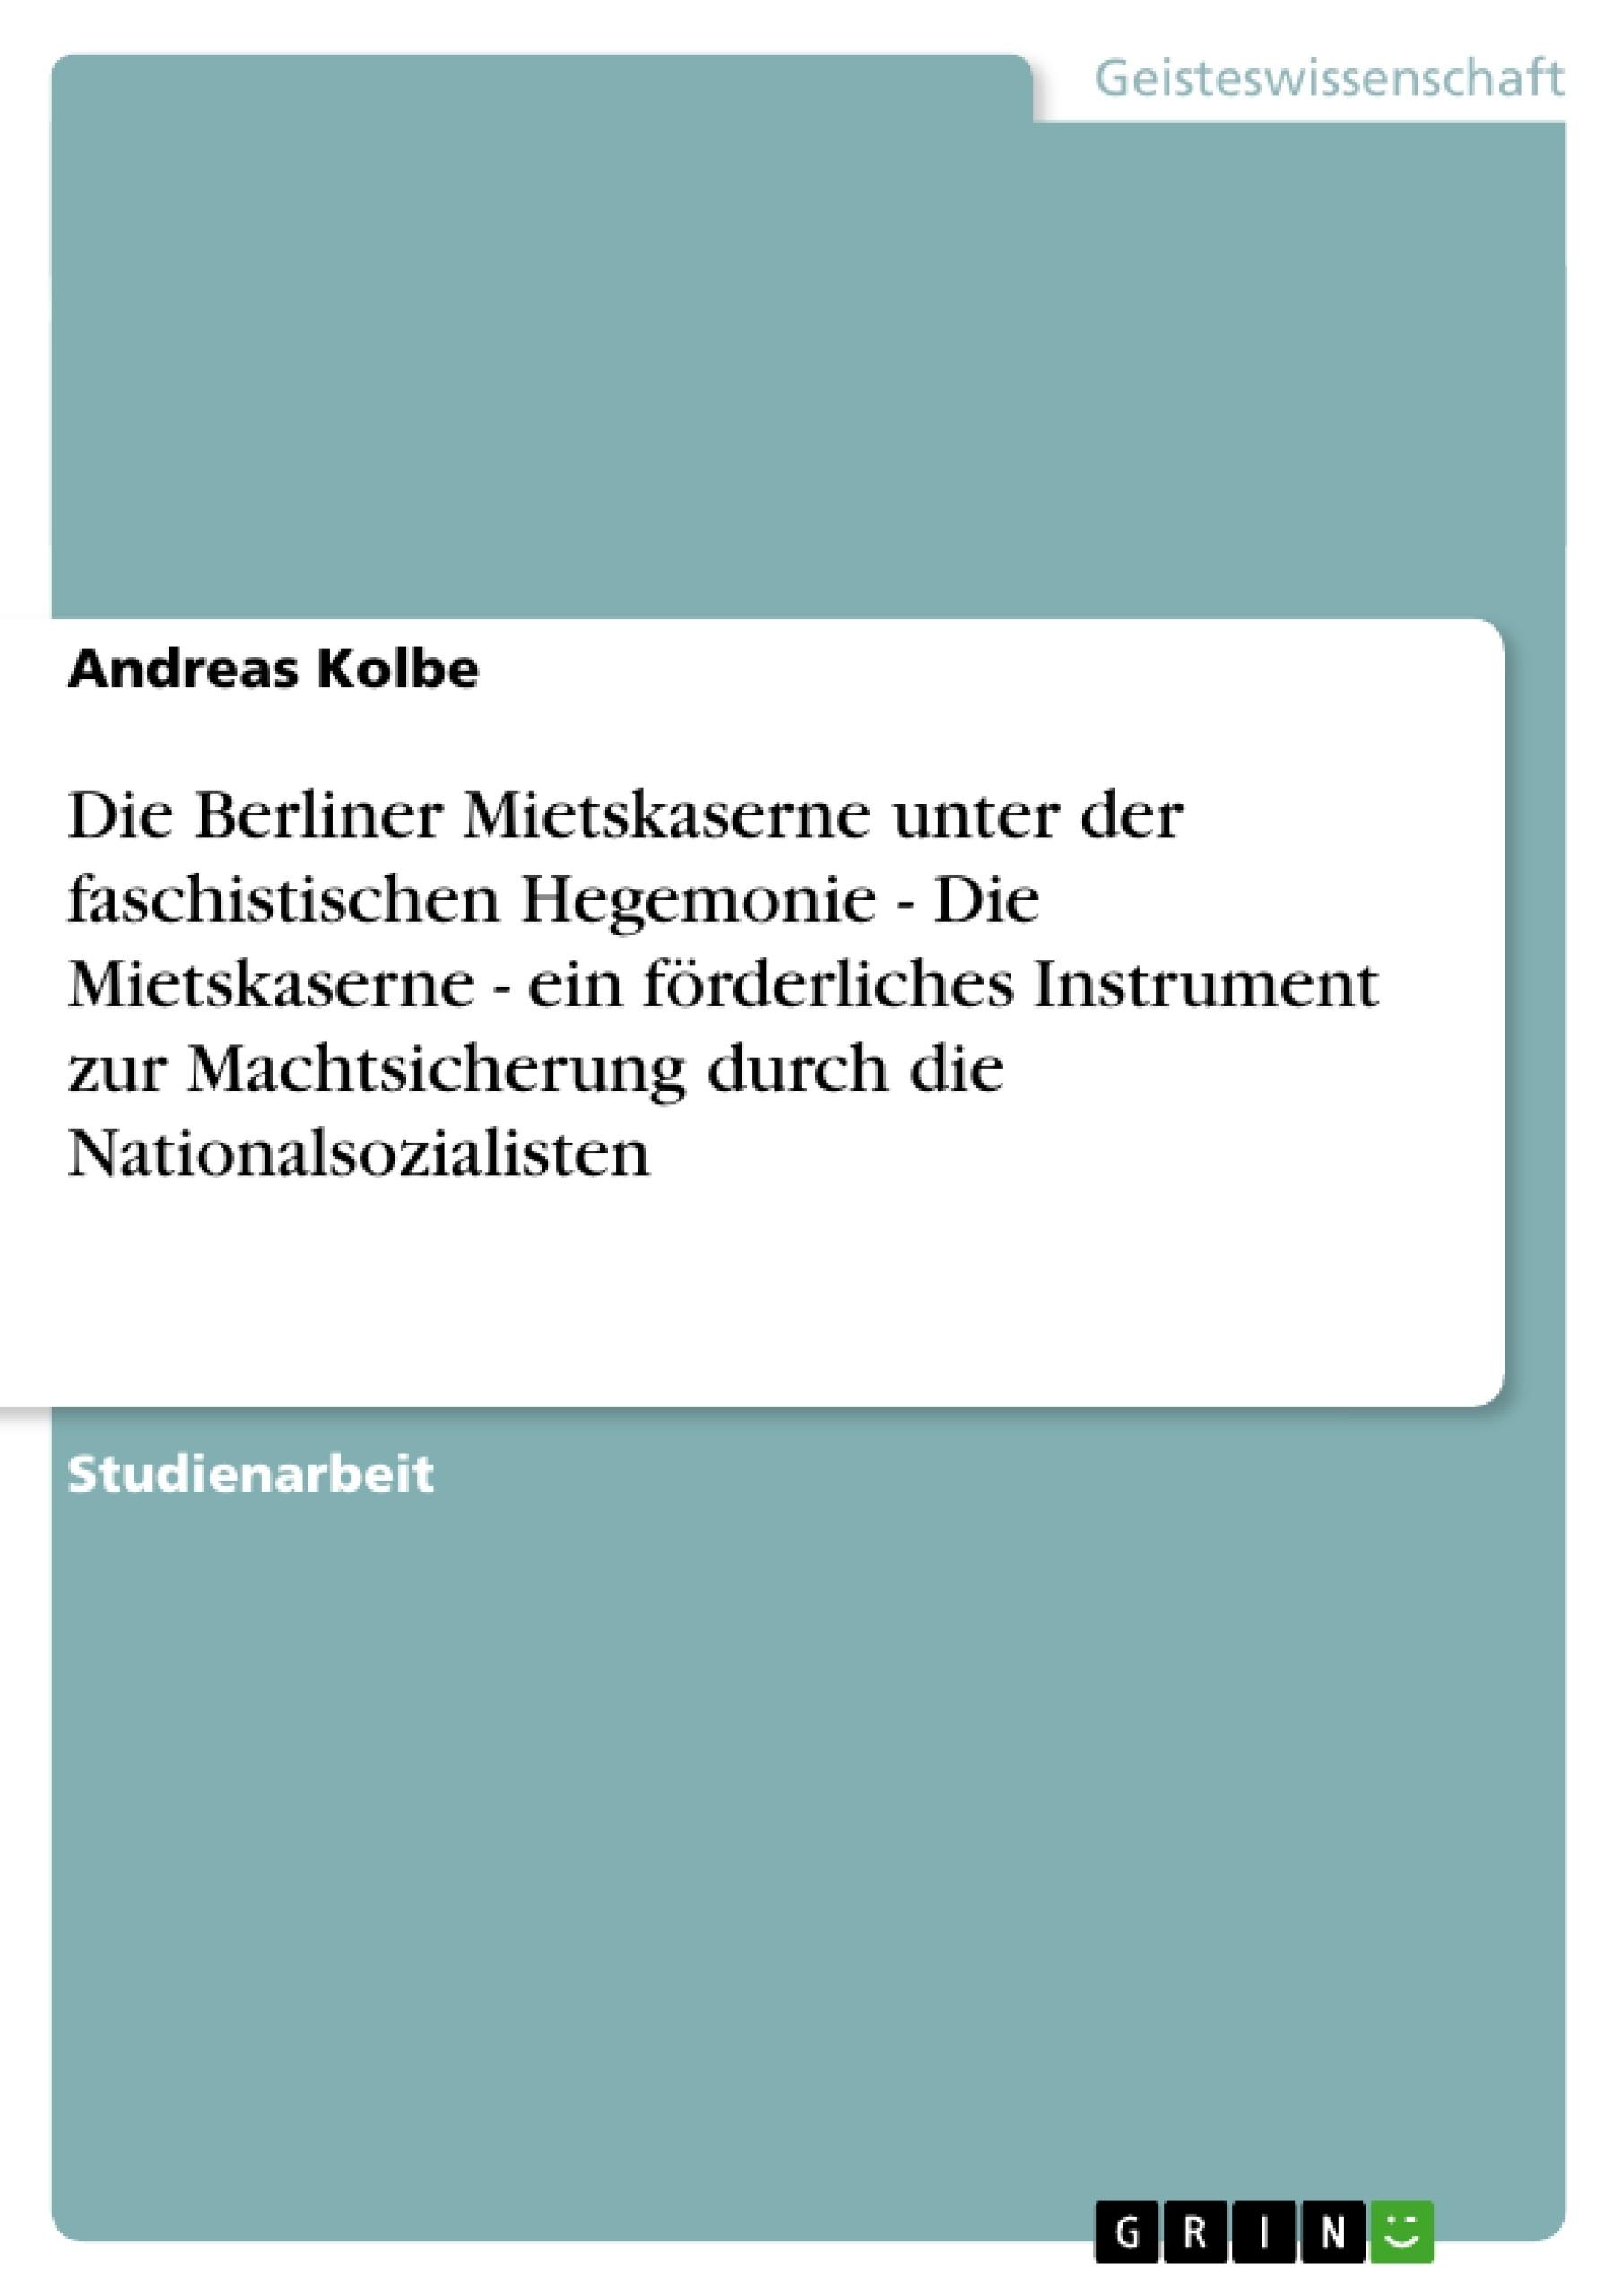 Titel: Die Berliner Mietskaserne unter der faschistischen Hegemonie - Die Mietskaserne - ein förderliches Instrument zur Machtsicherung durch die Nationalsozialisten